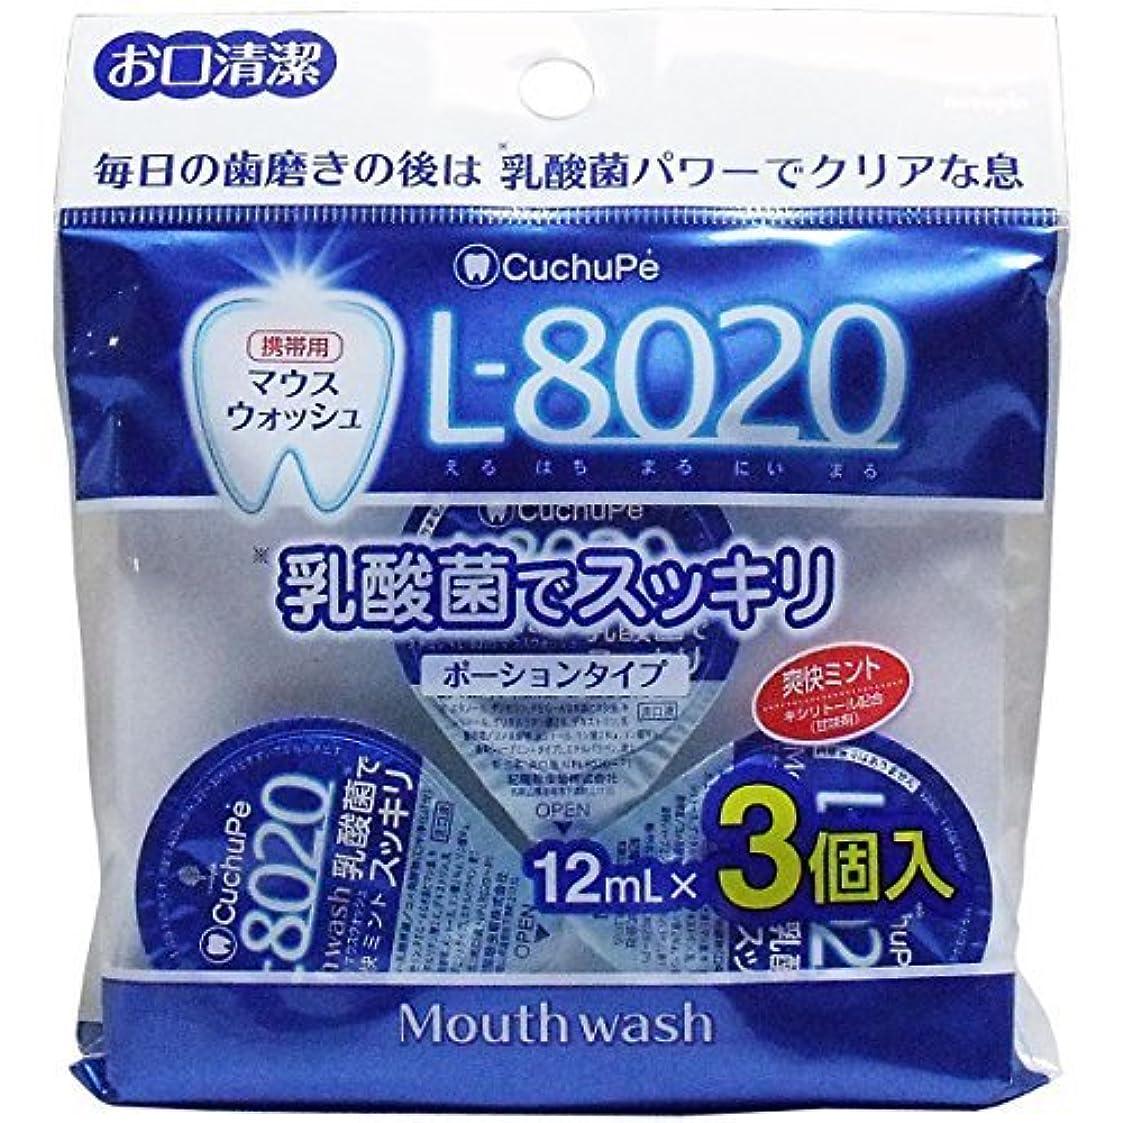 アクセサリー民間レオナルドダクチュッペ L-8020 乳酸菌マウスウォッシュ 携帯用ポーションタイプ 爽快ミント 3個入